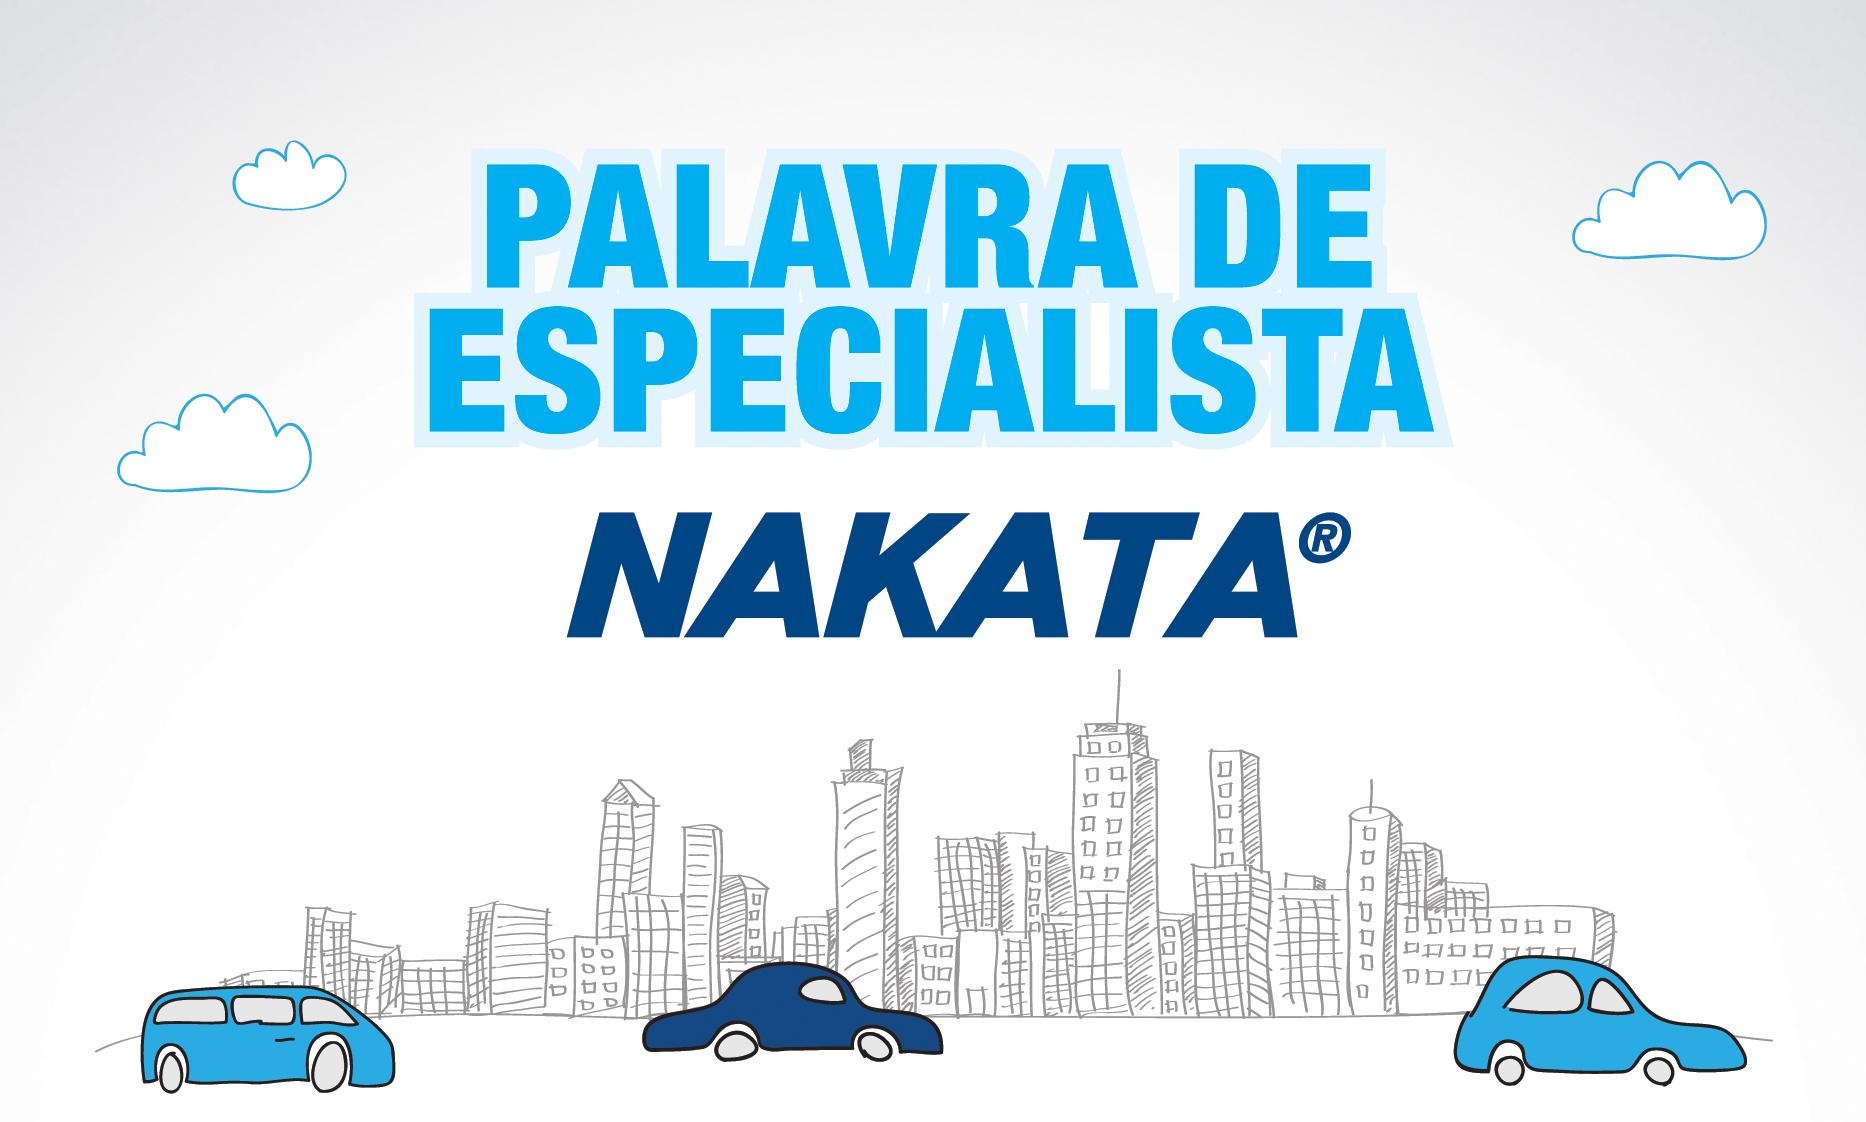 Nakata lança 2ª série de vídeos no YouTube com dicas técnicas sobre manutenção do veículo